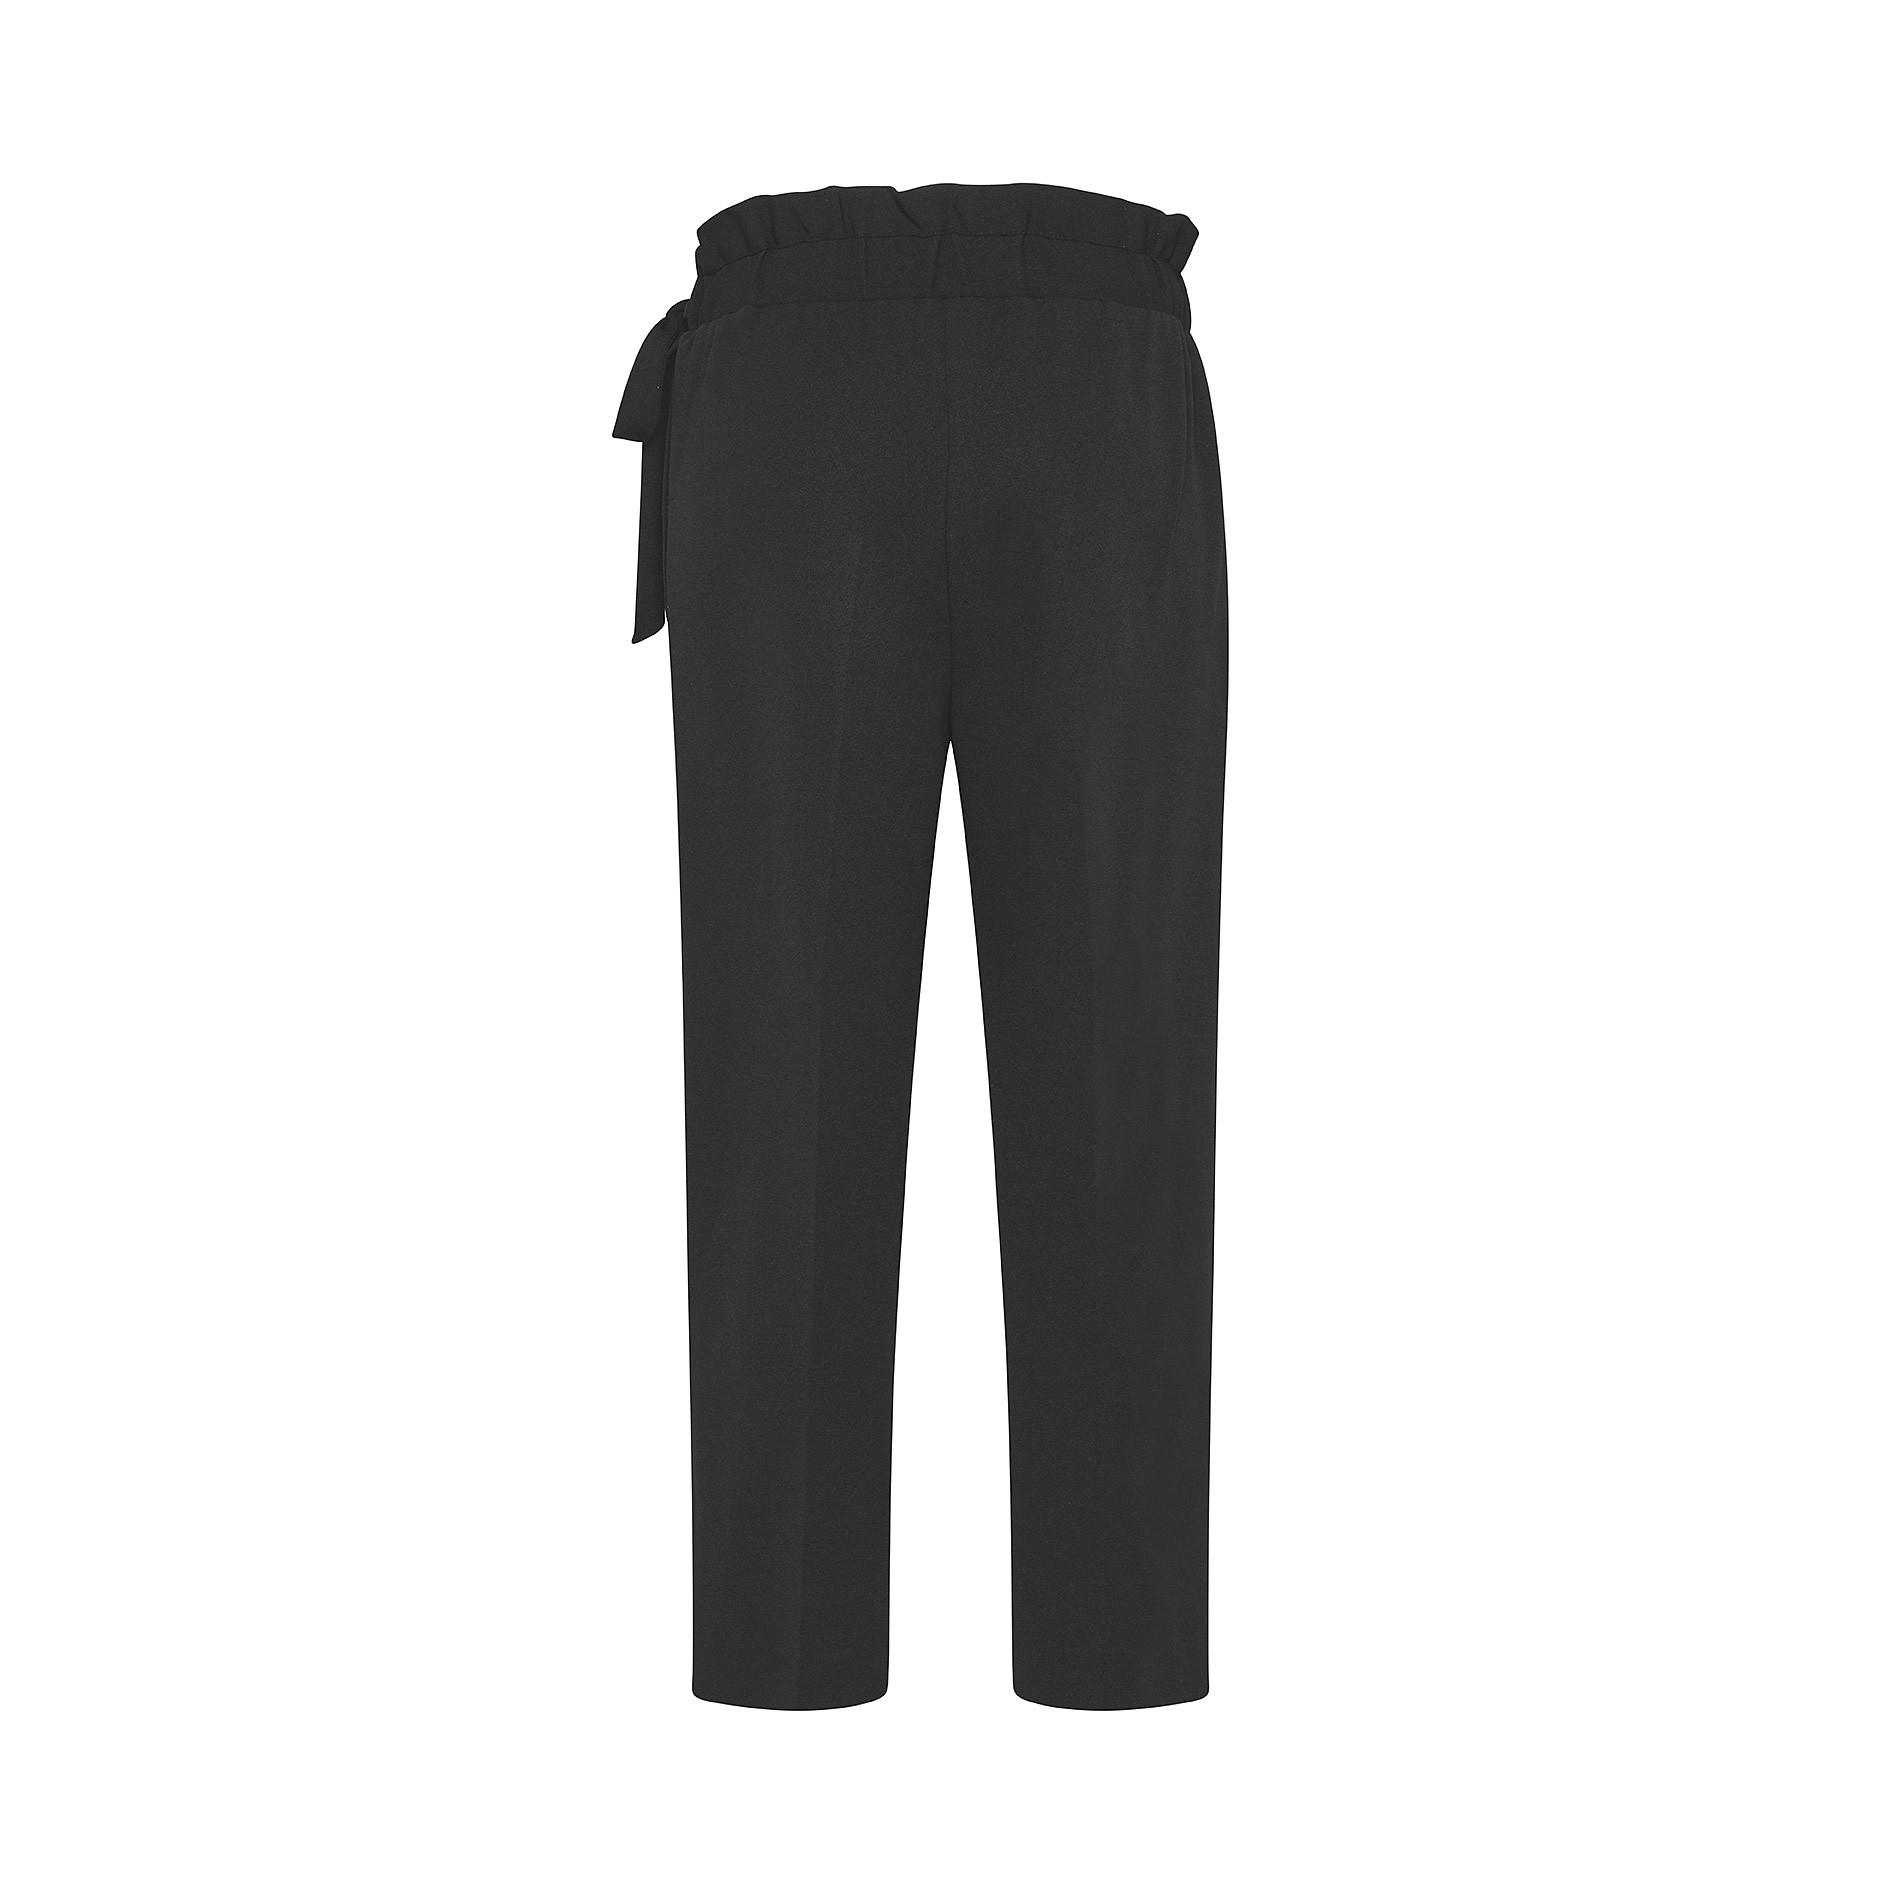 Pantalone ampio tessuto crêpe Koan, Nero, large image number 1